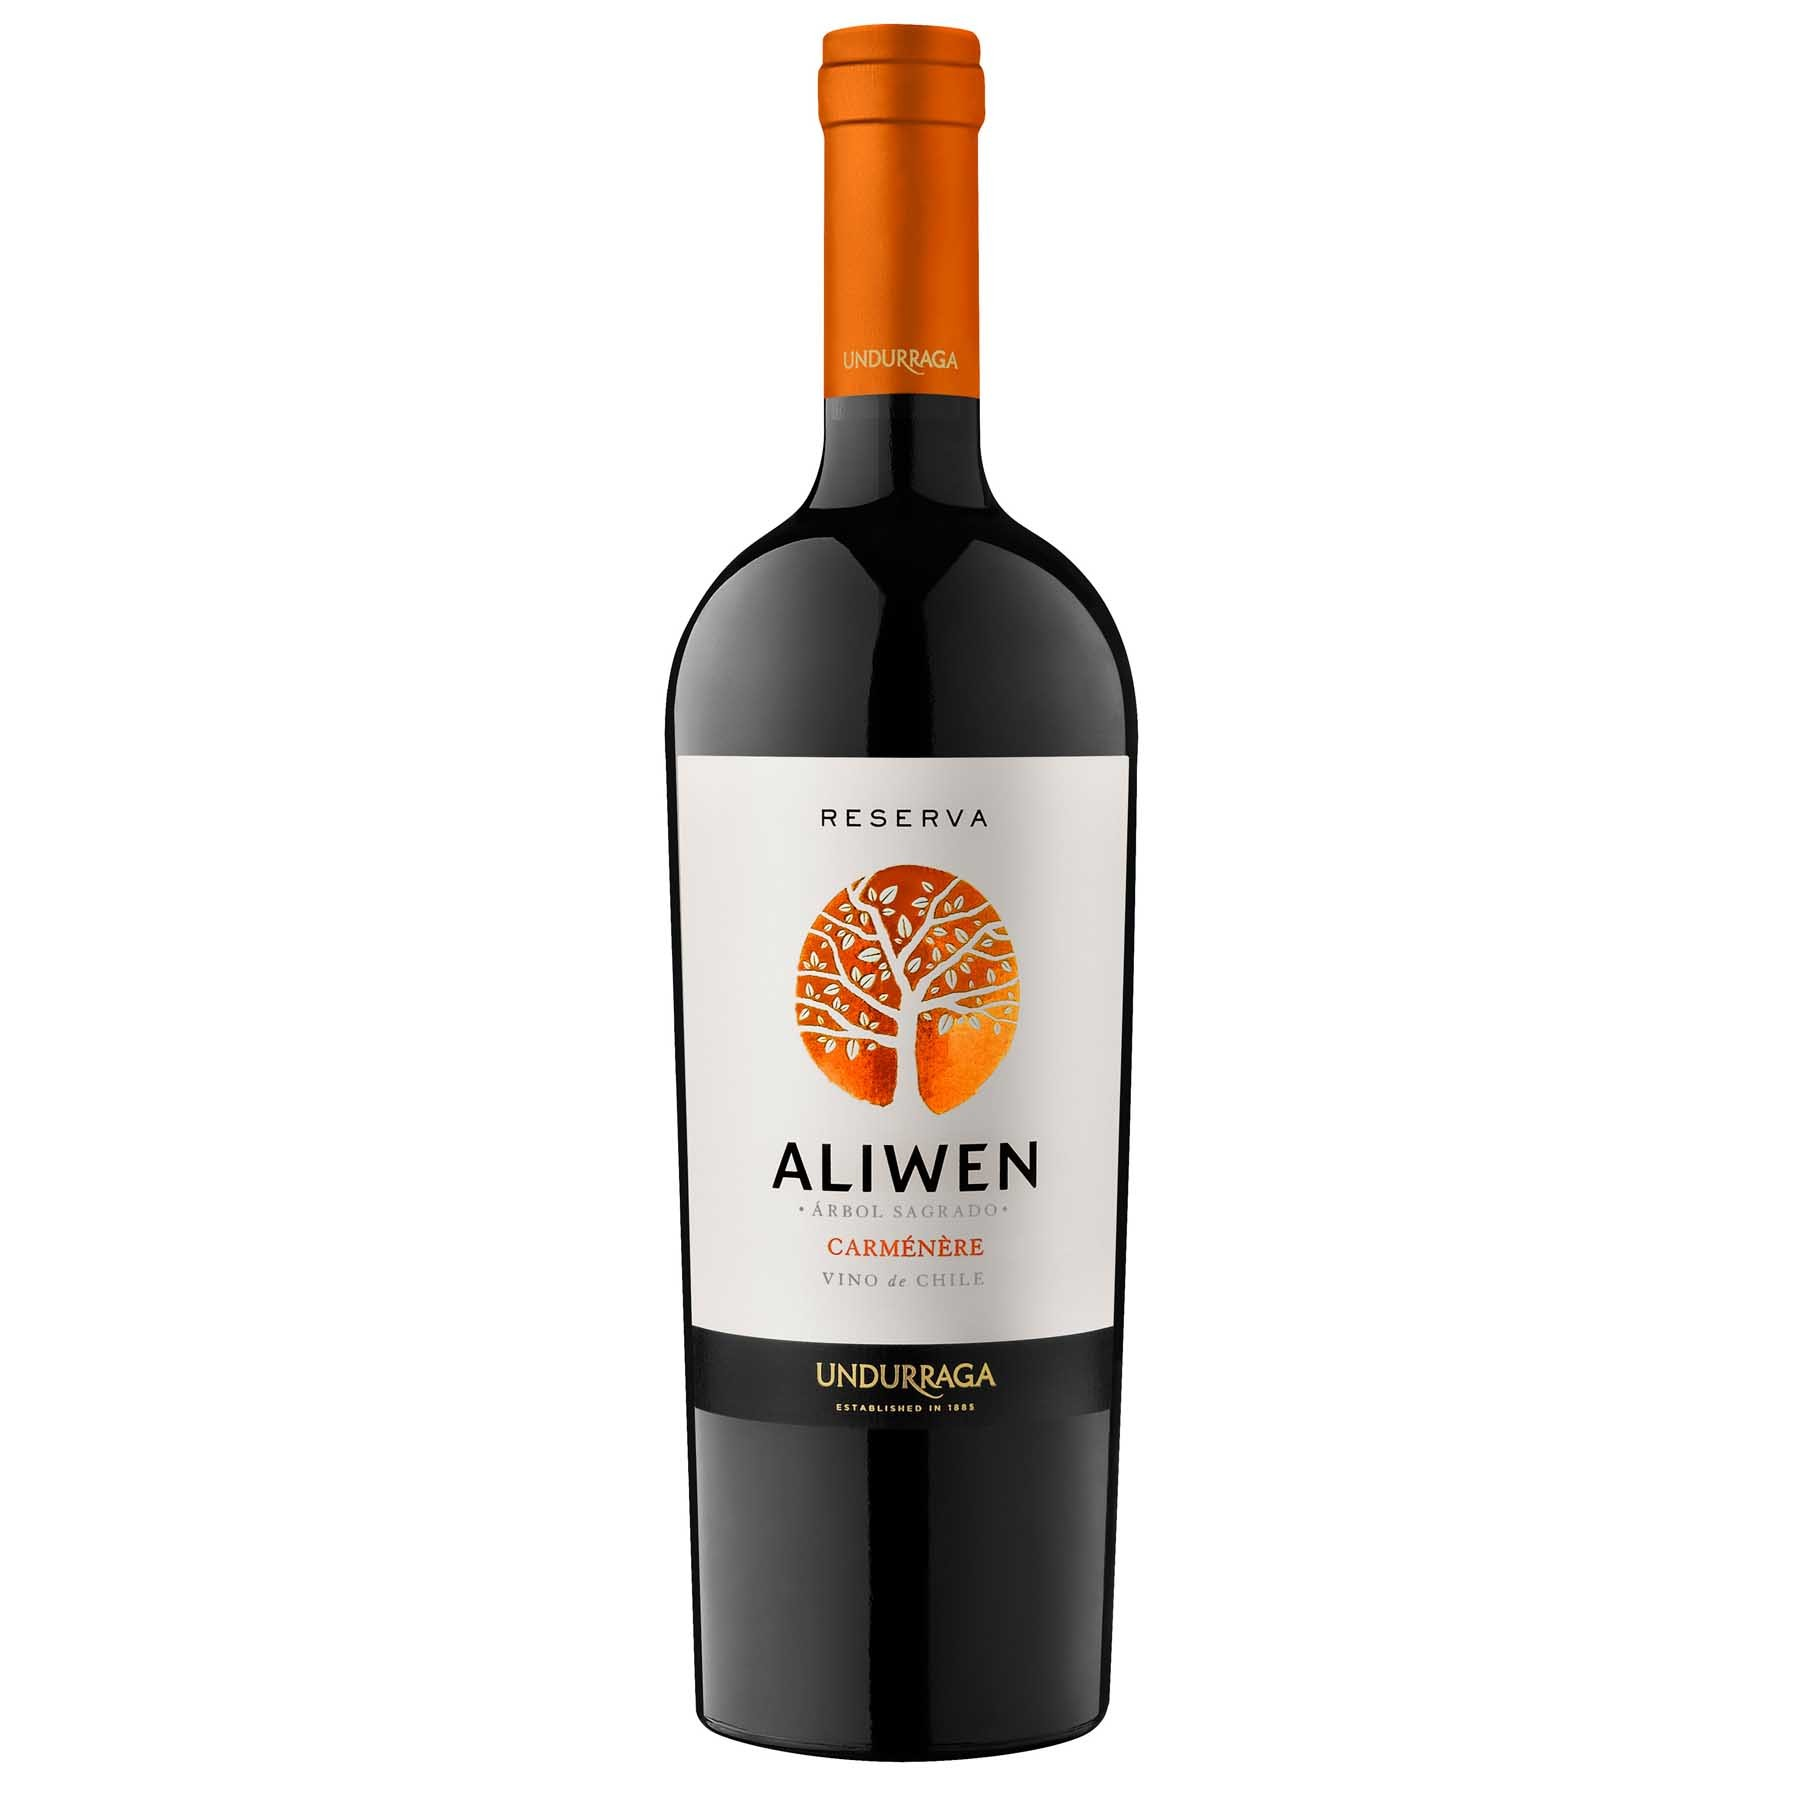 Vinho Tinto Chileno Undurraga Aliwen Reserva Carmenere 2014